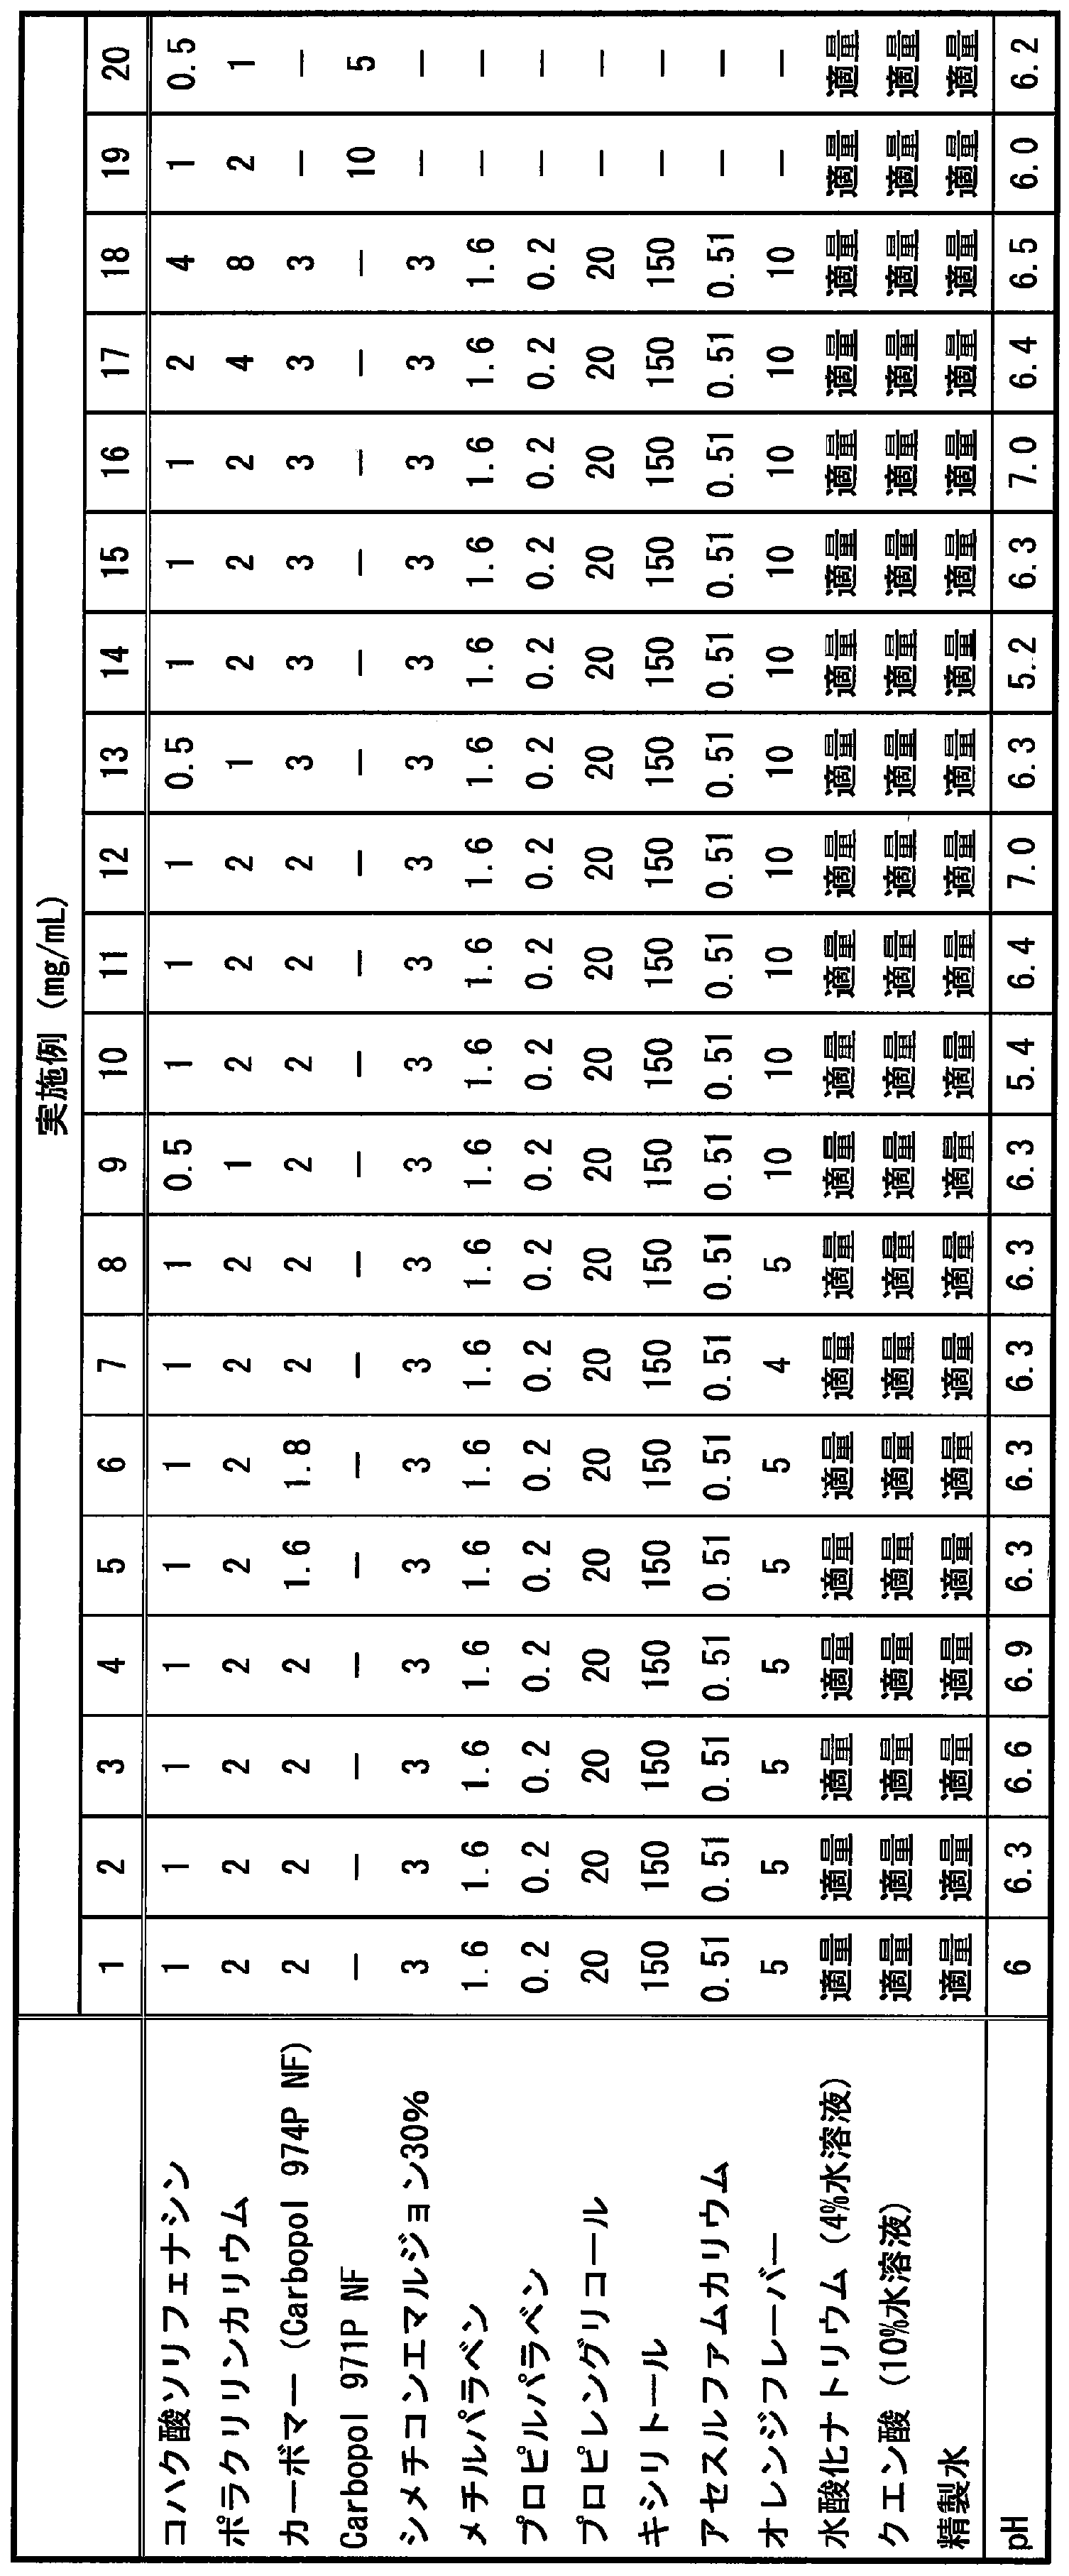 すべての講義 mg ml 単位 : Figure JPOXMLDOC01-appb-T000002